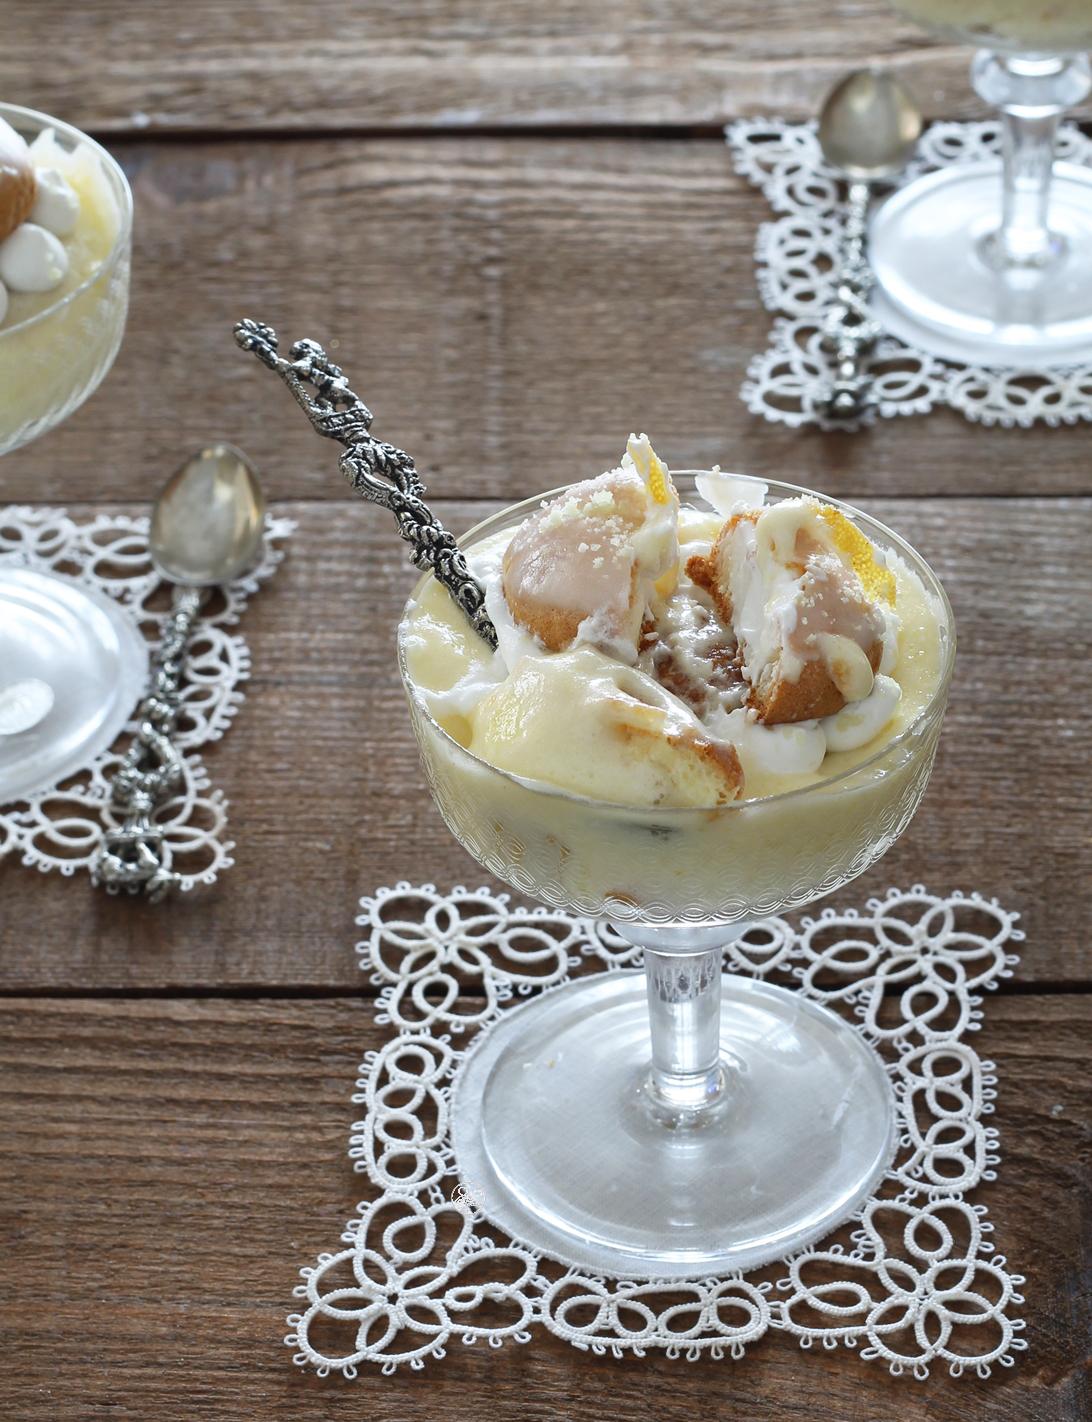 Bignè al limone senza glutine in coppa - La Cassata Celiaca